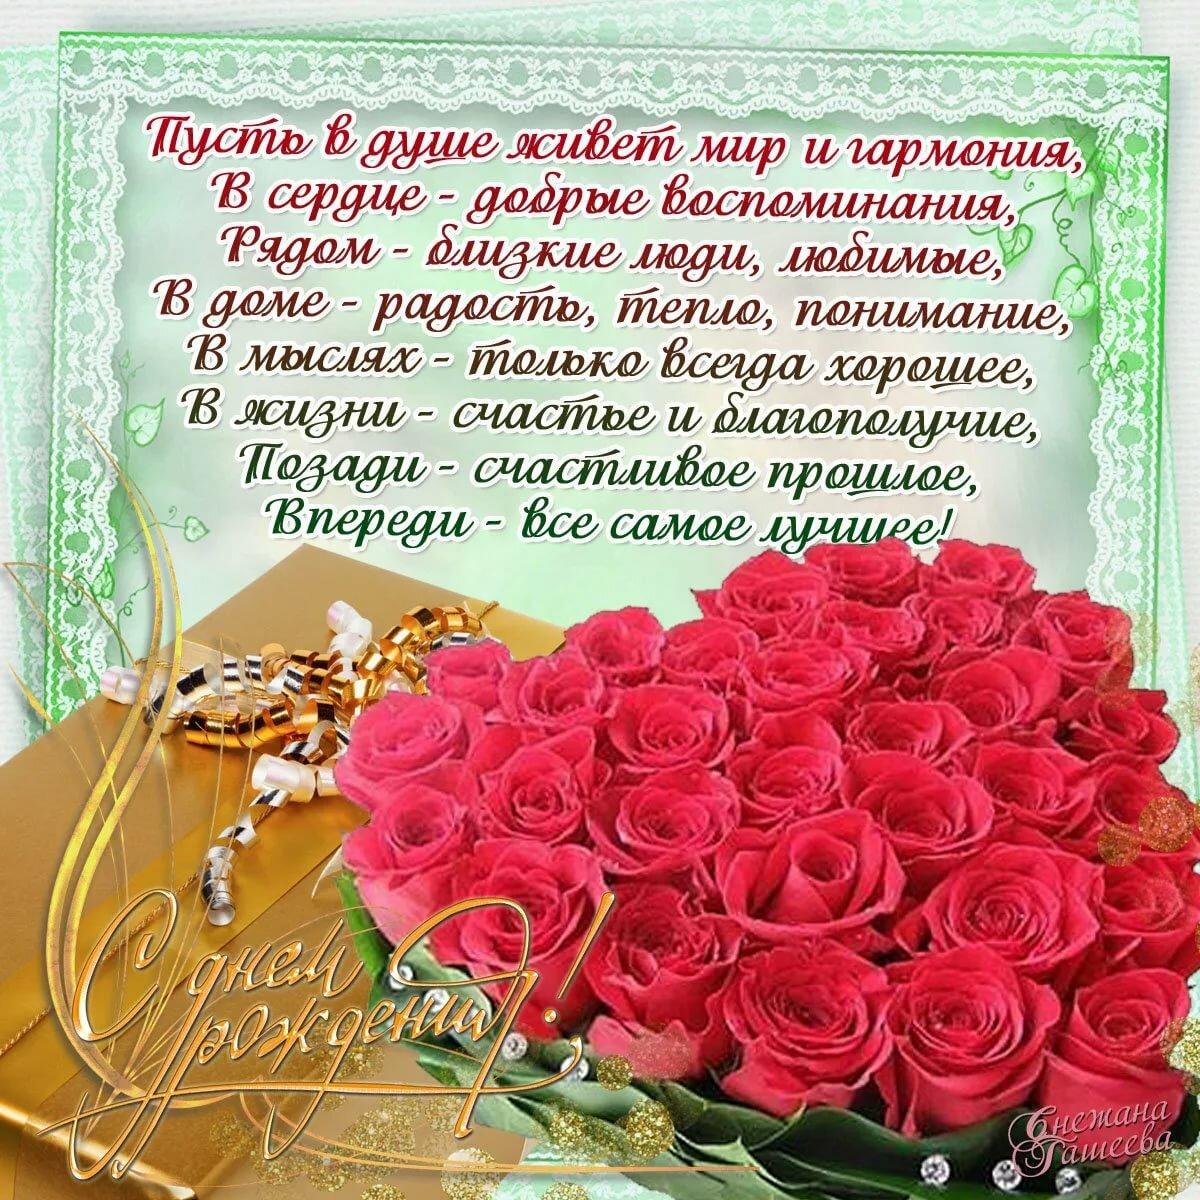 Открытки подружки, с днем рождения открытки со стихами женщине